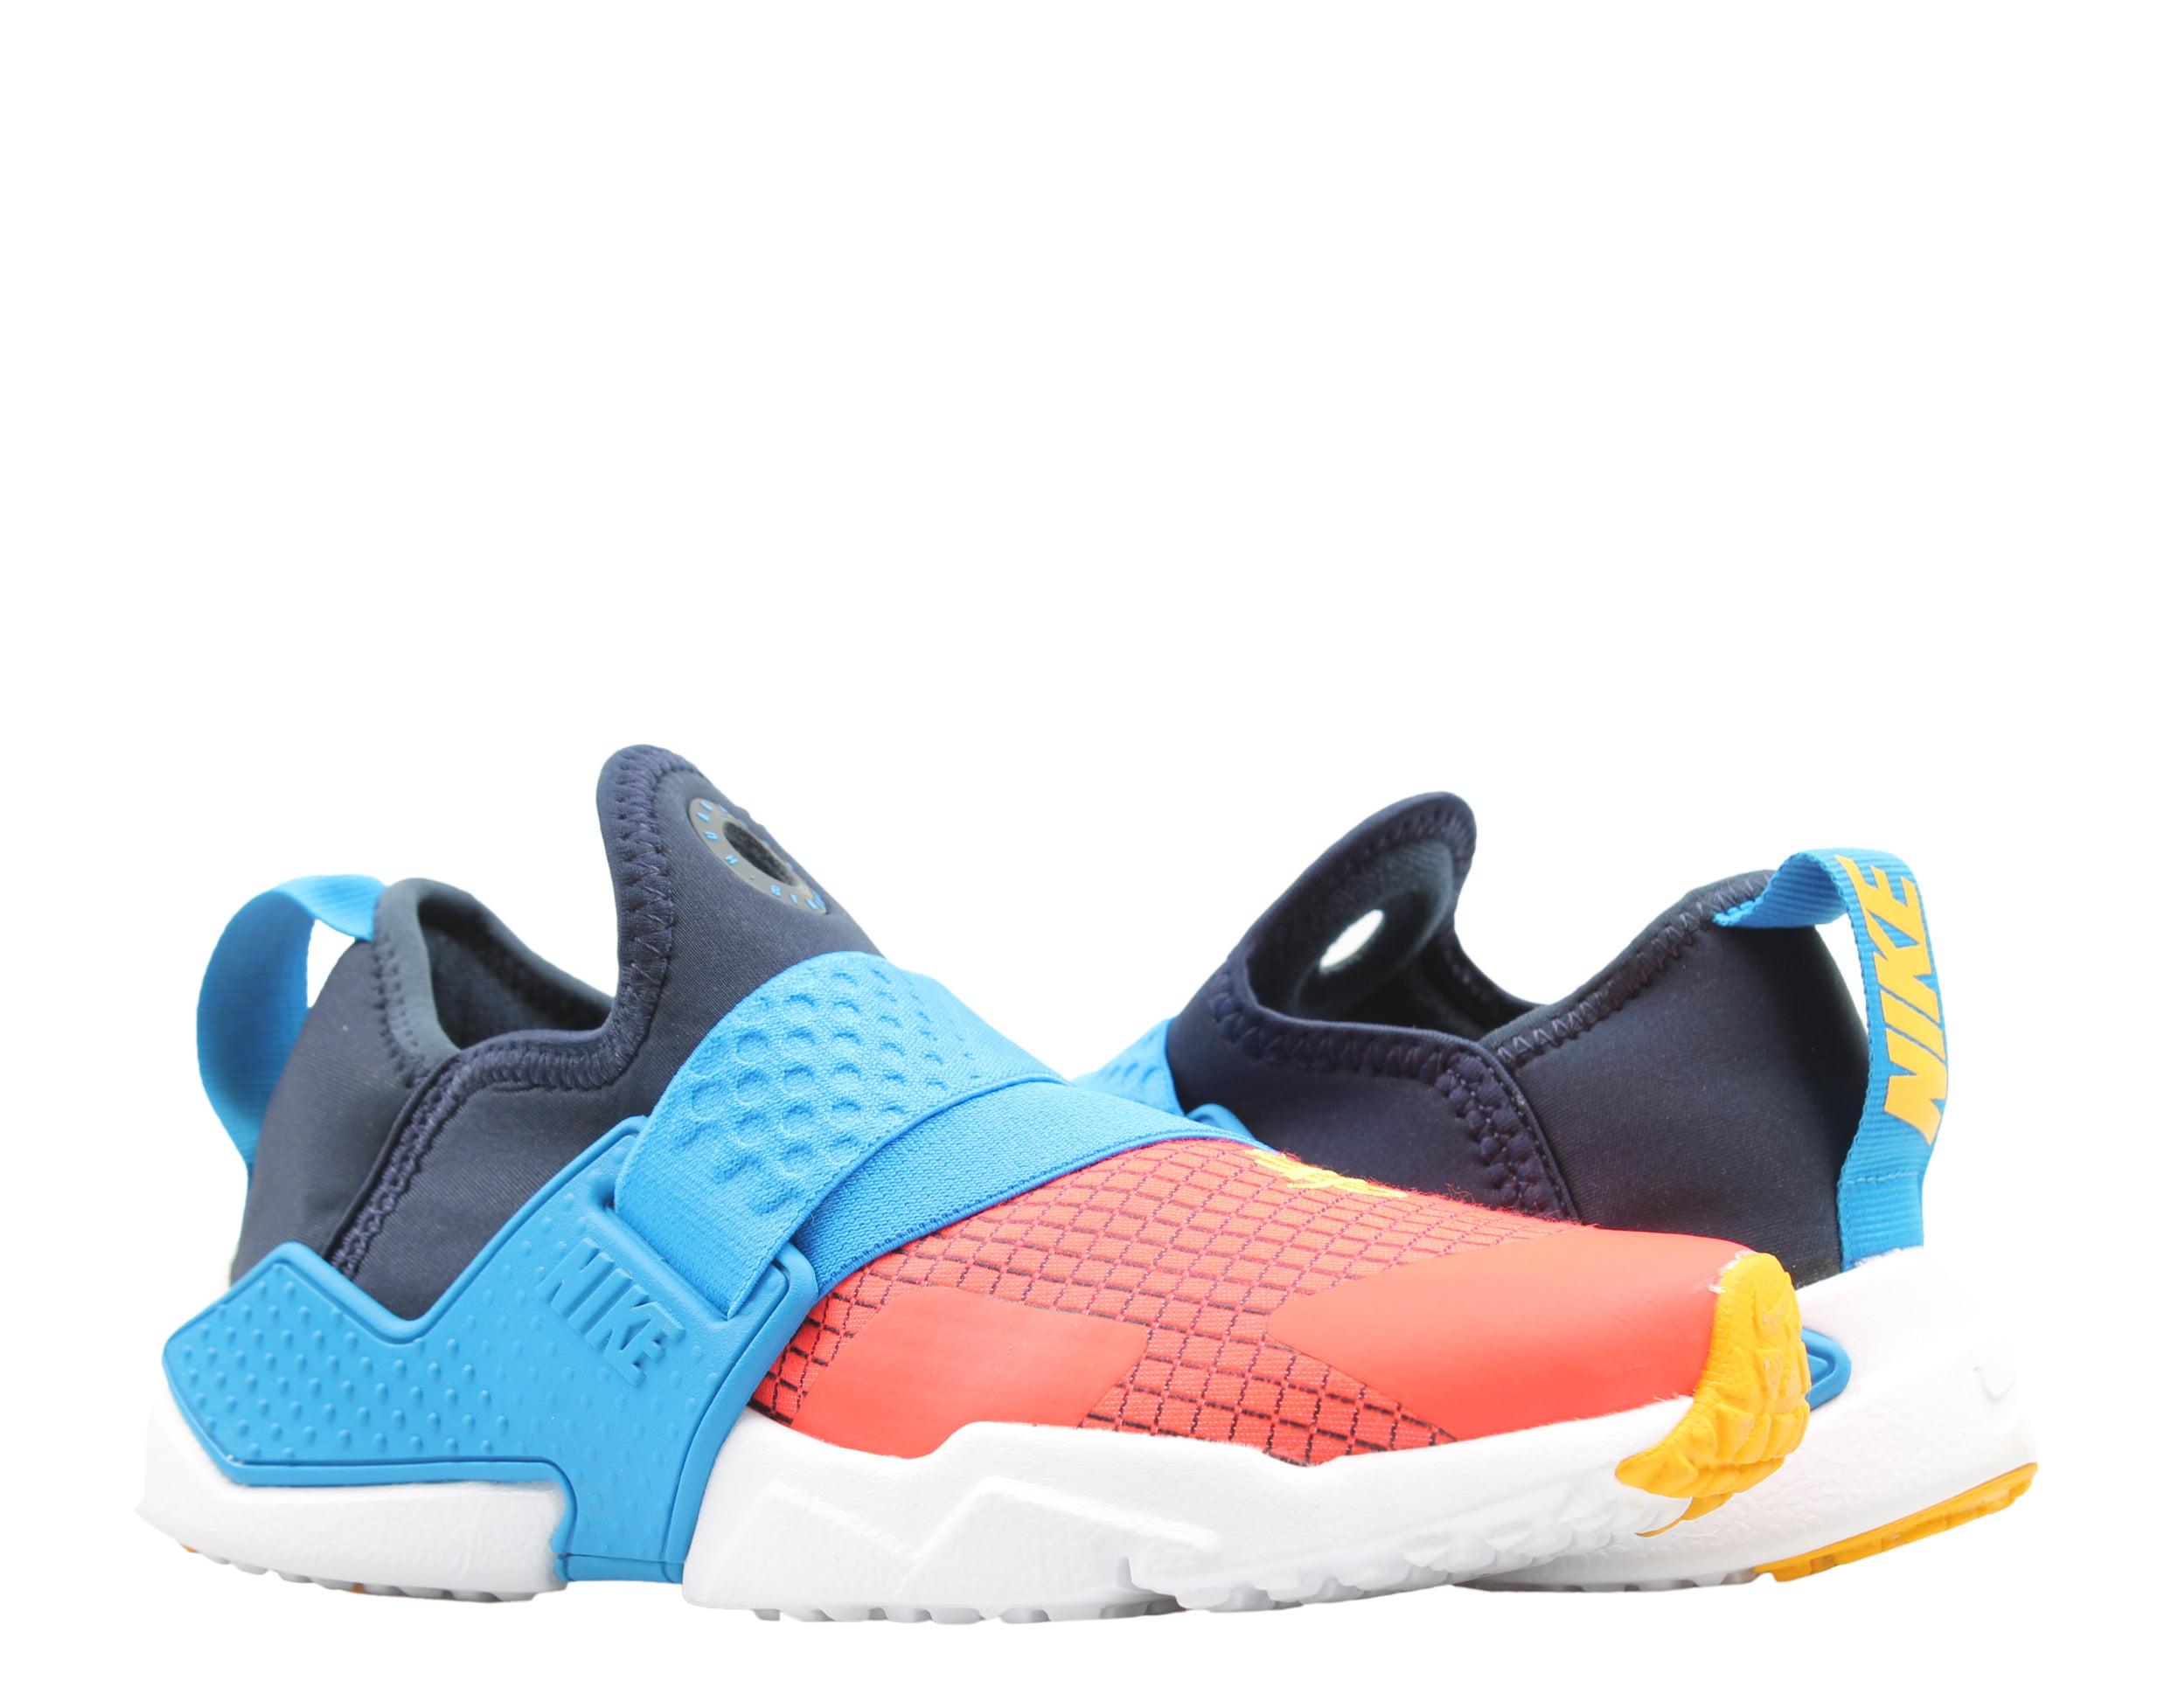 Kids Running Shoes BQ7568-400 - Walmart